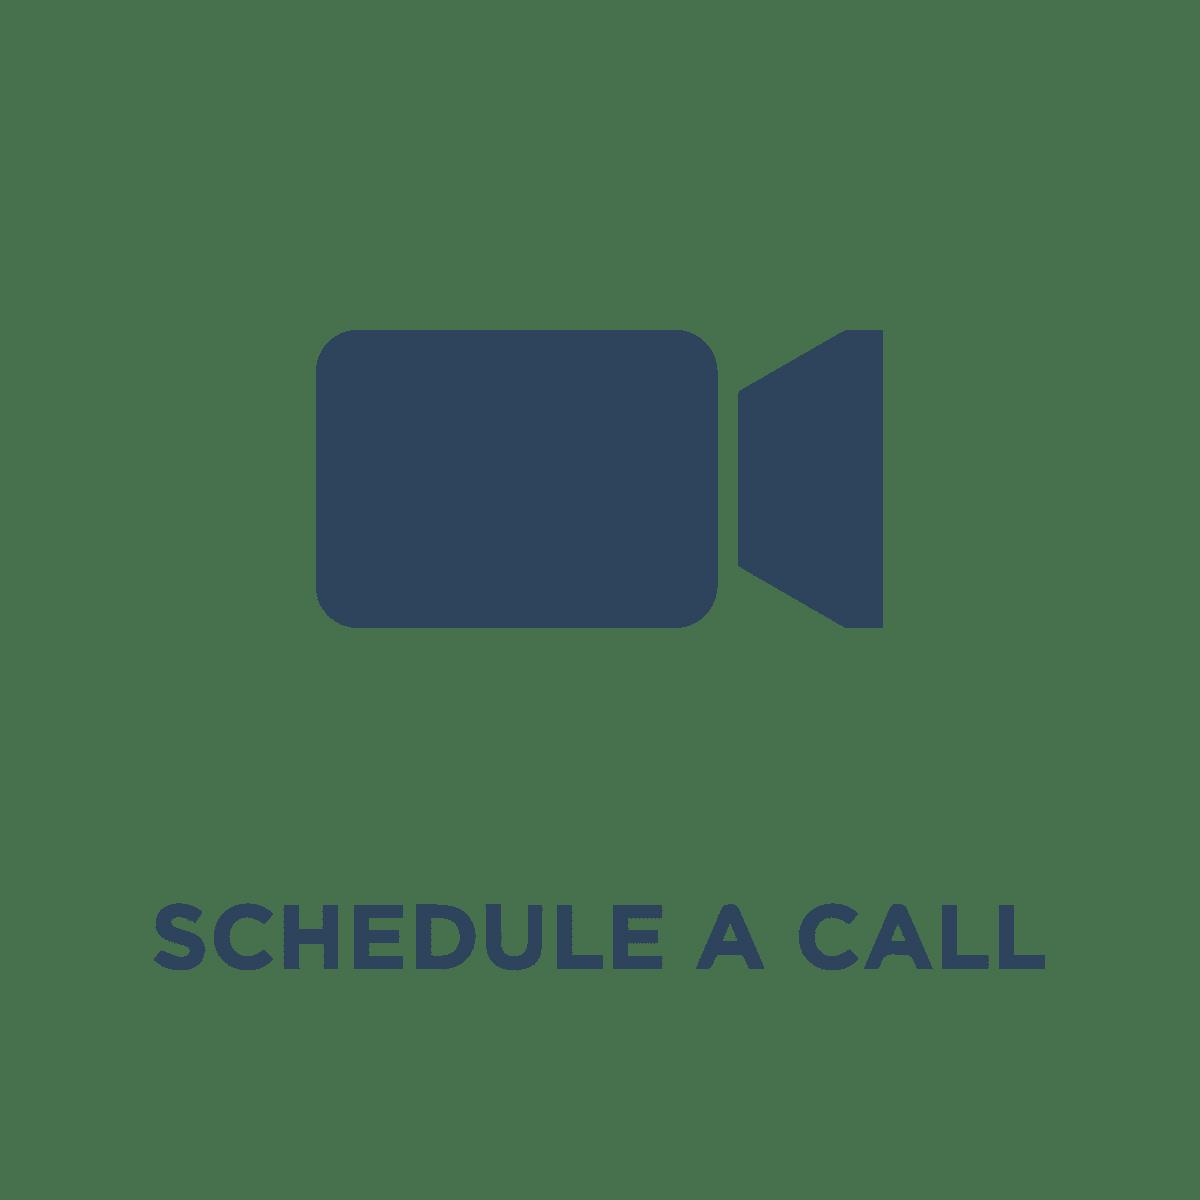 Call-Button-1 (1)